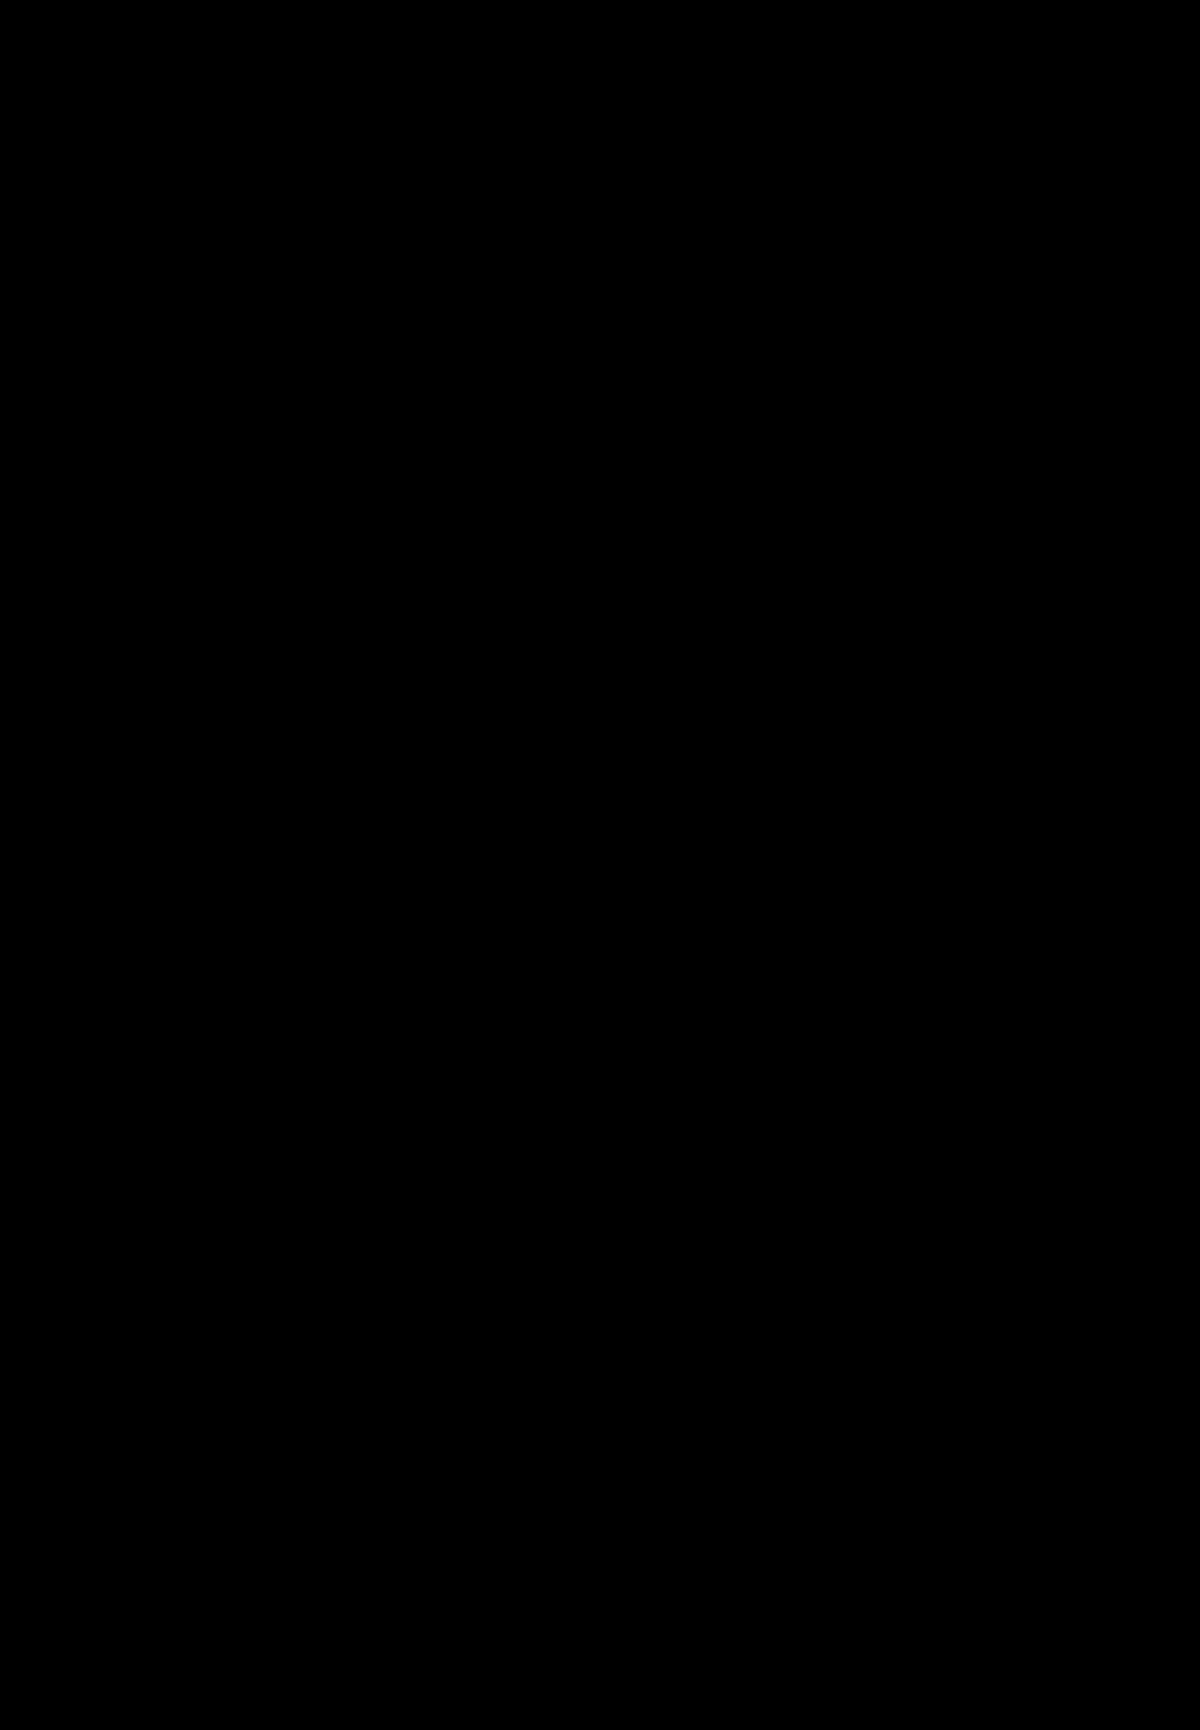 フィジー「フライング・フィジアンズ」のエンブレム